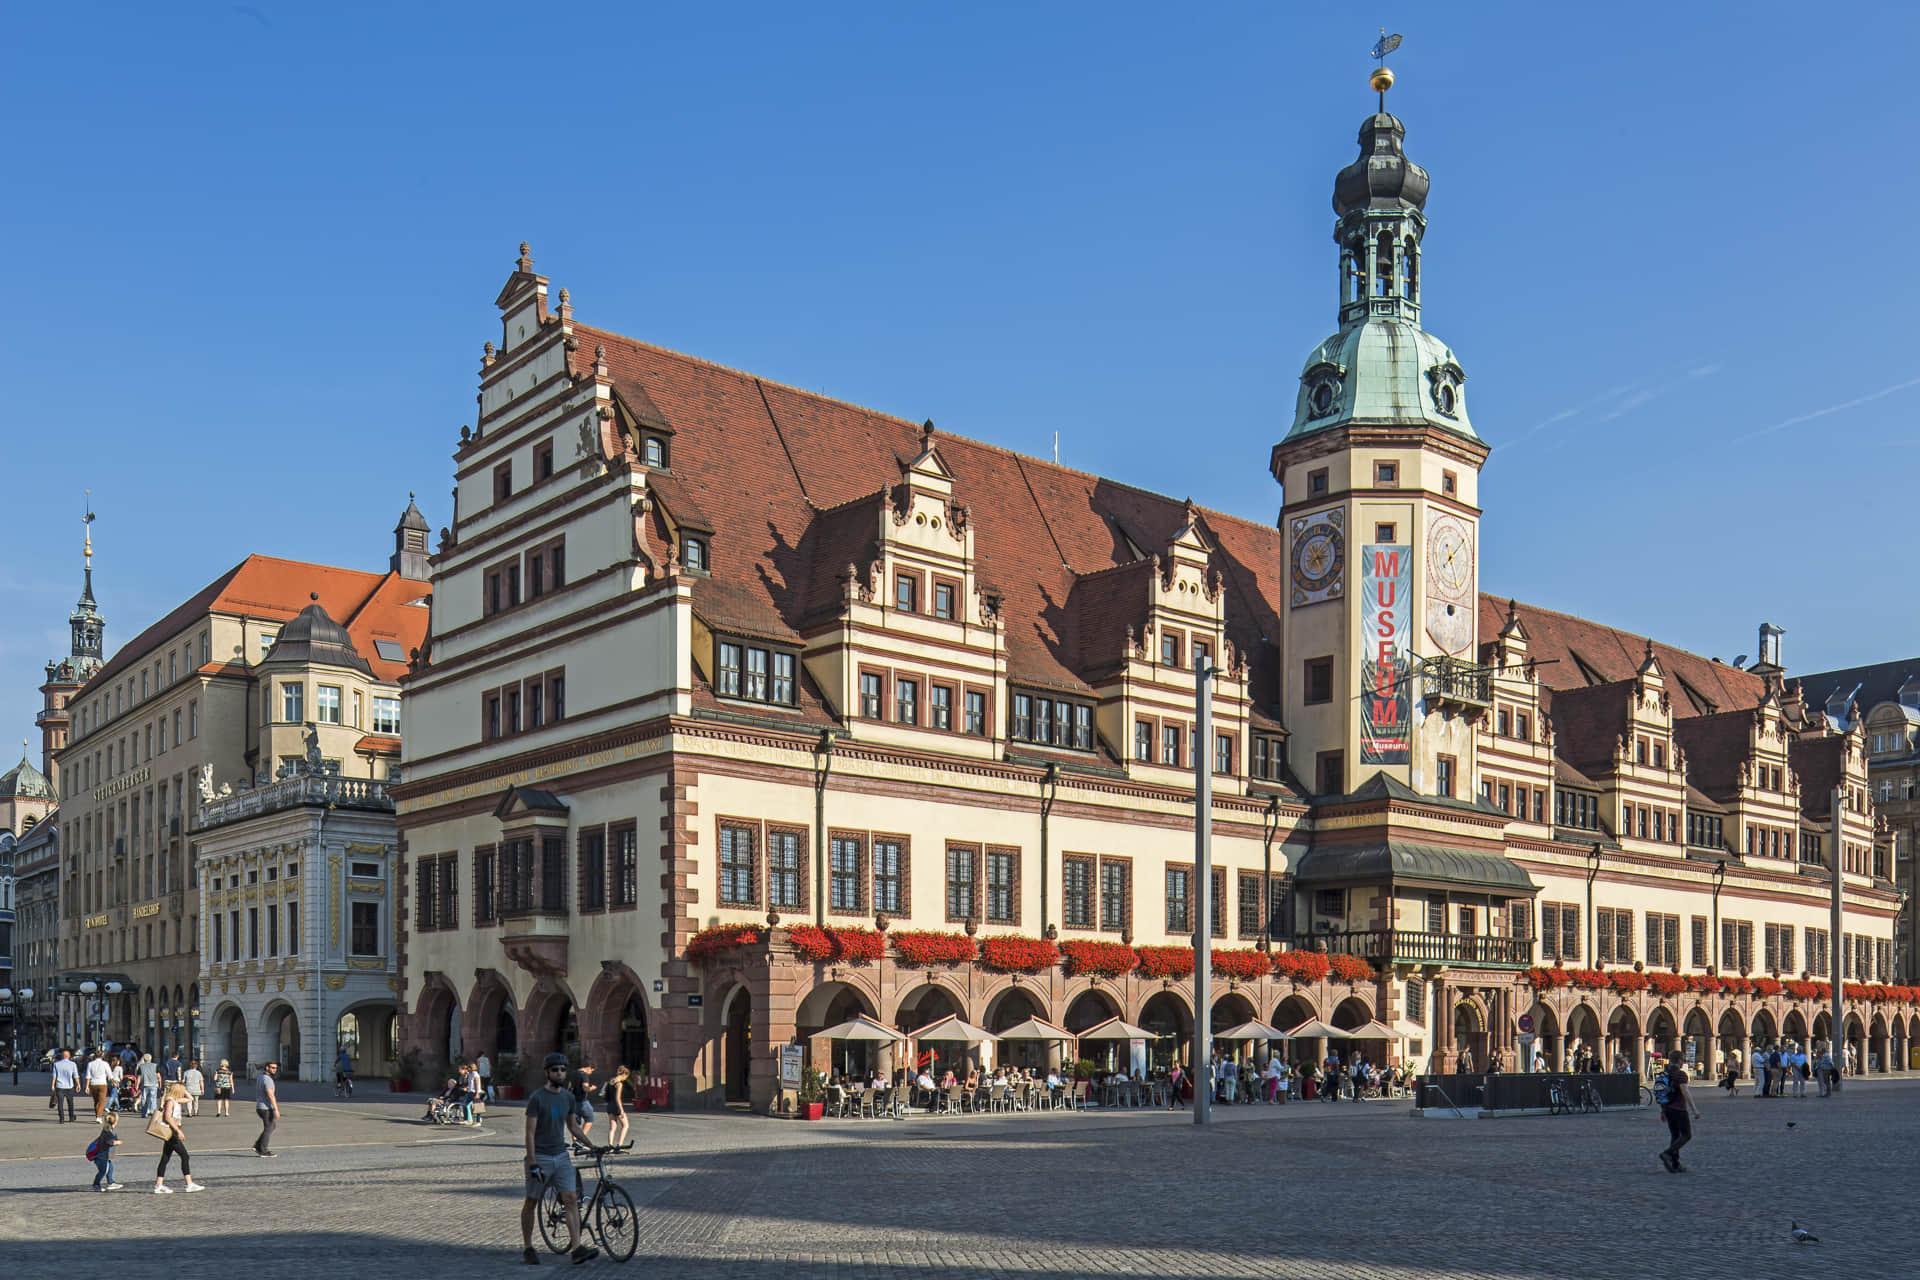 Leipzig altes rathaus sehenswuerdigkeiten museum kultur ltm punctum leipzig travel